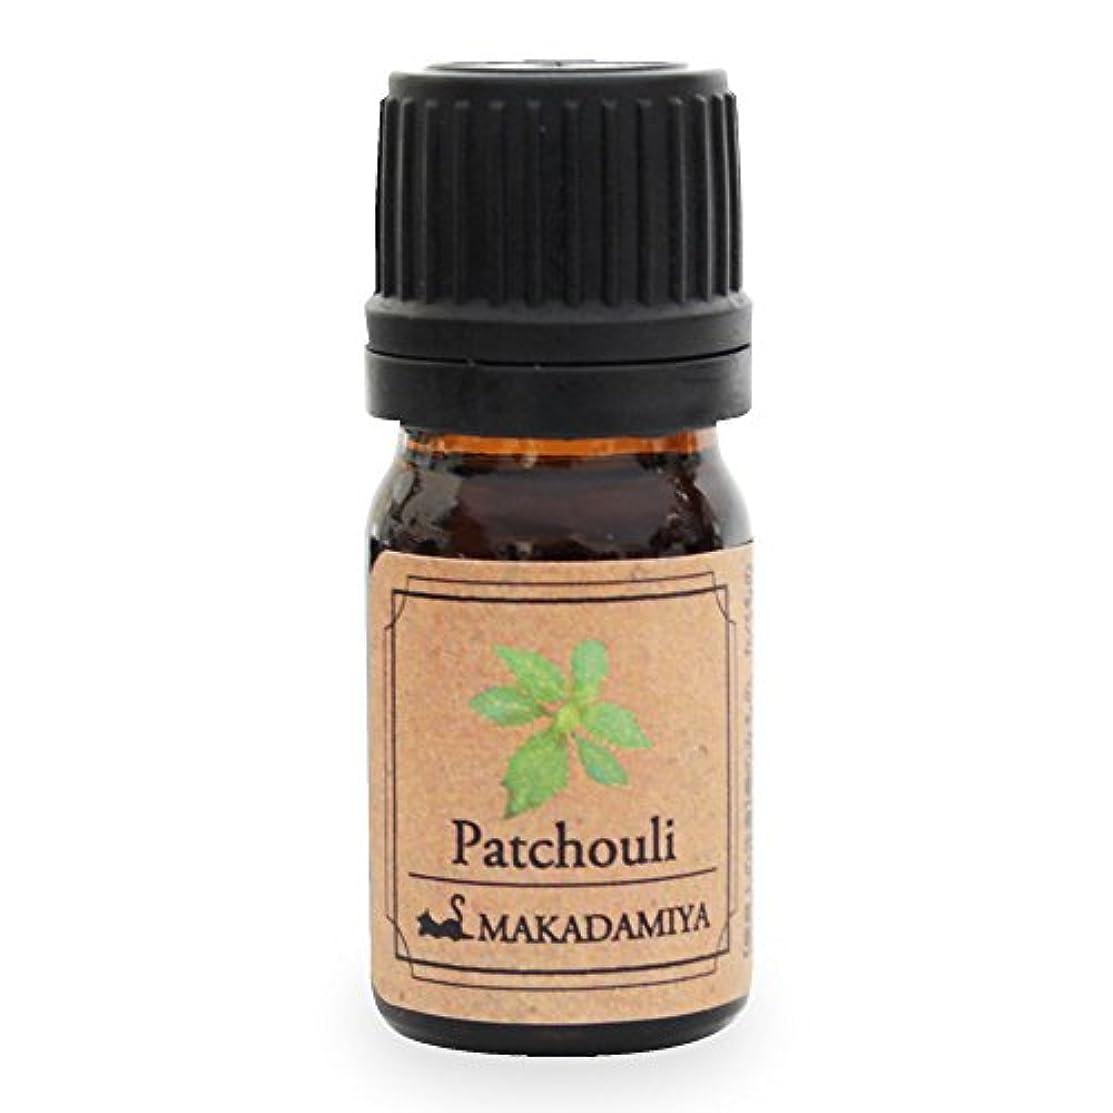 地域の傾向テスピアンパチュリ5ml 天然100%植物性 エッセンシャルオイル(精油) アロマオイル アロママッサージ aroma Patchouli